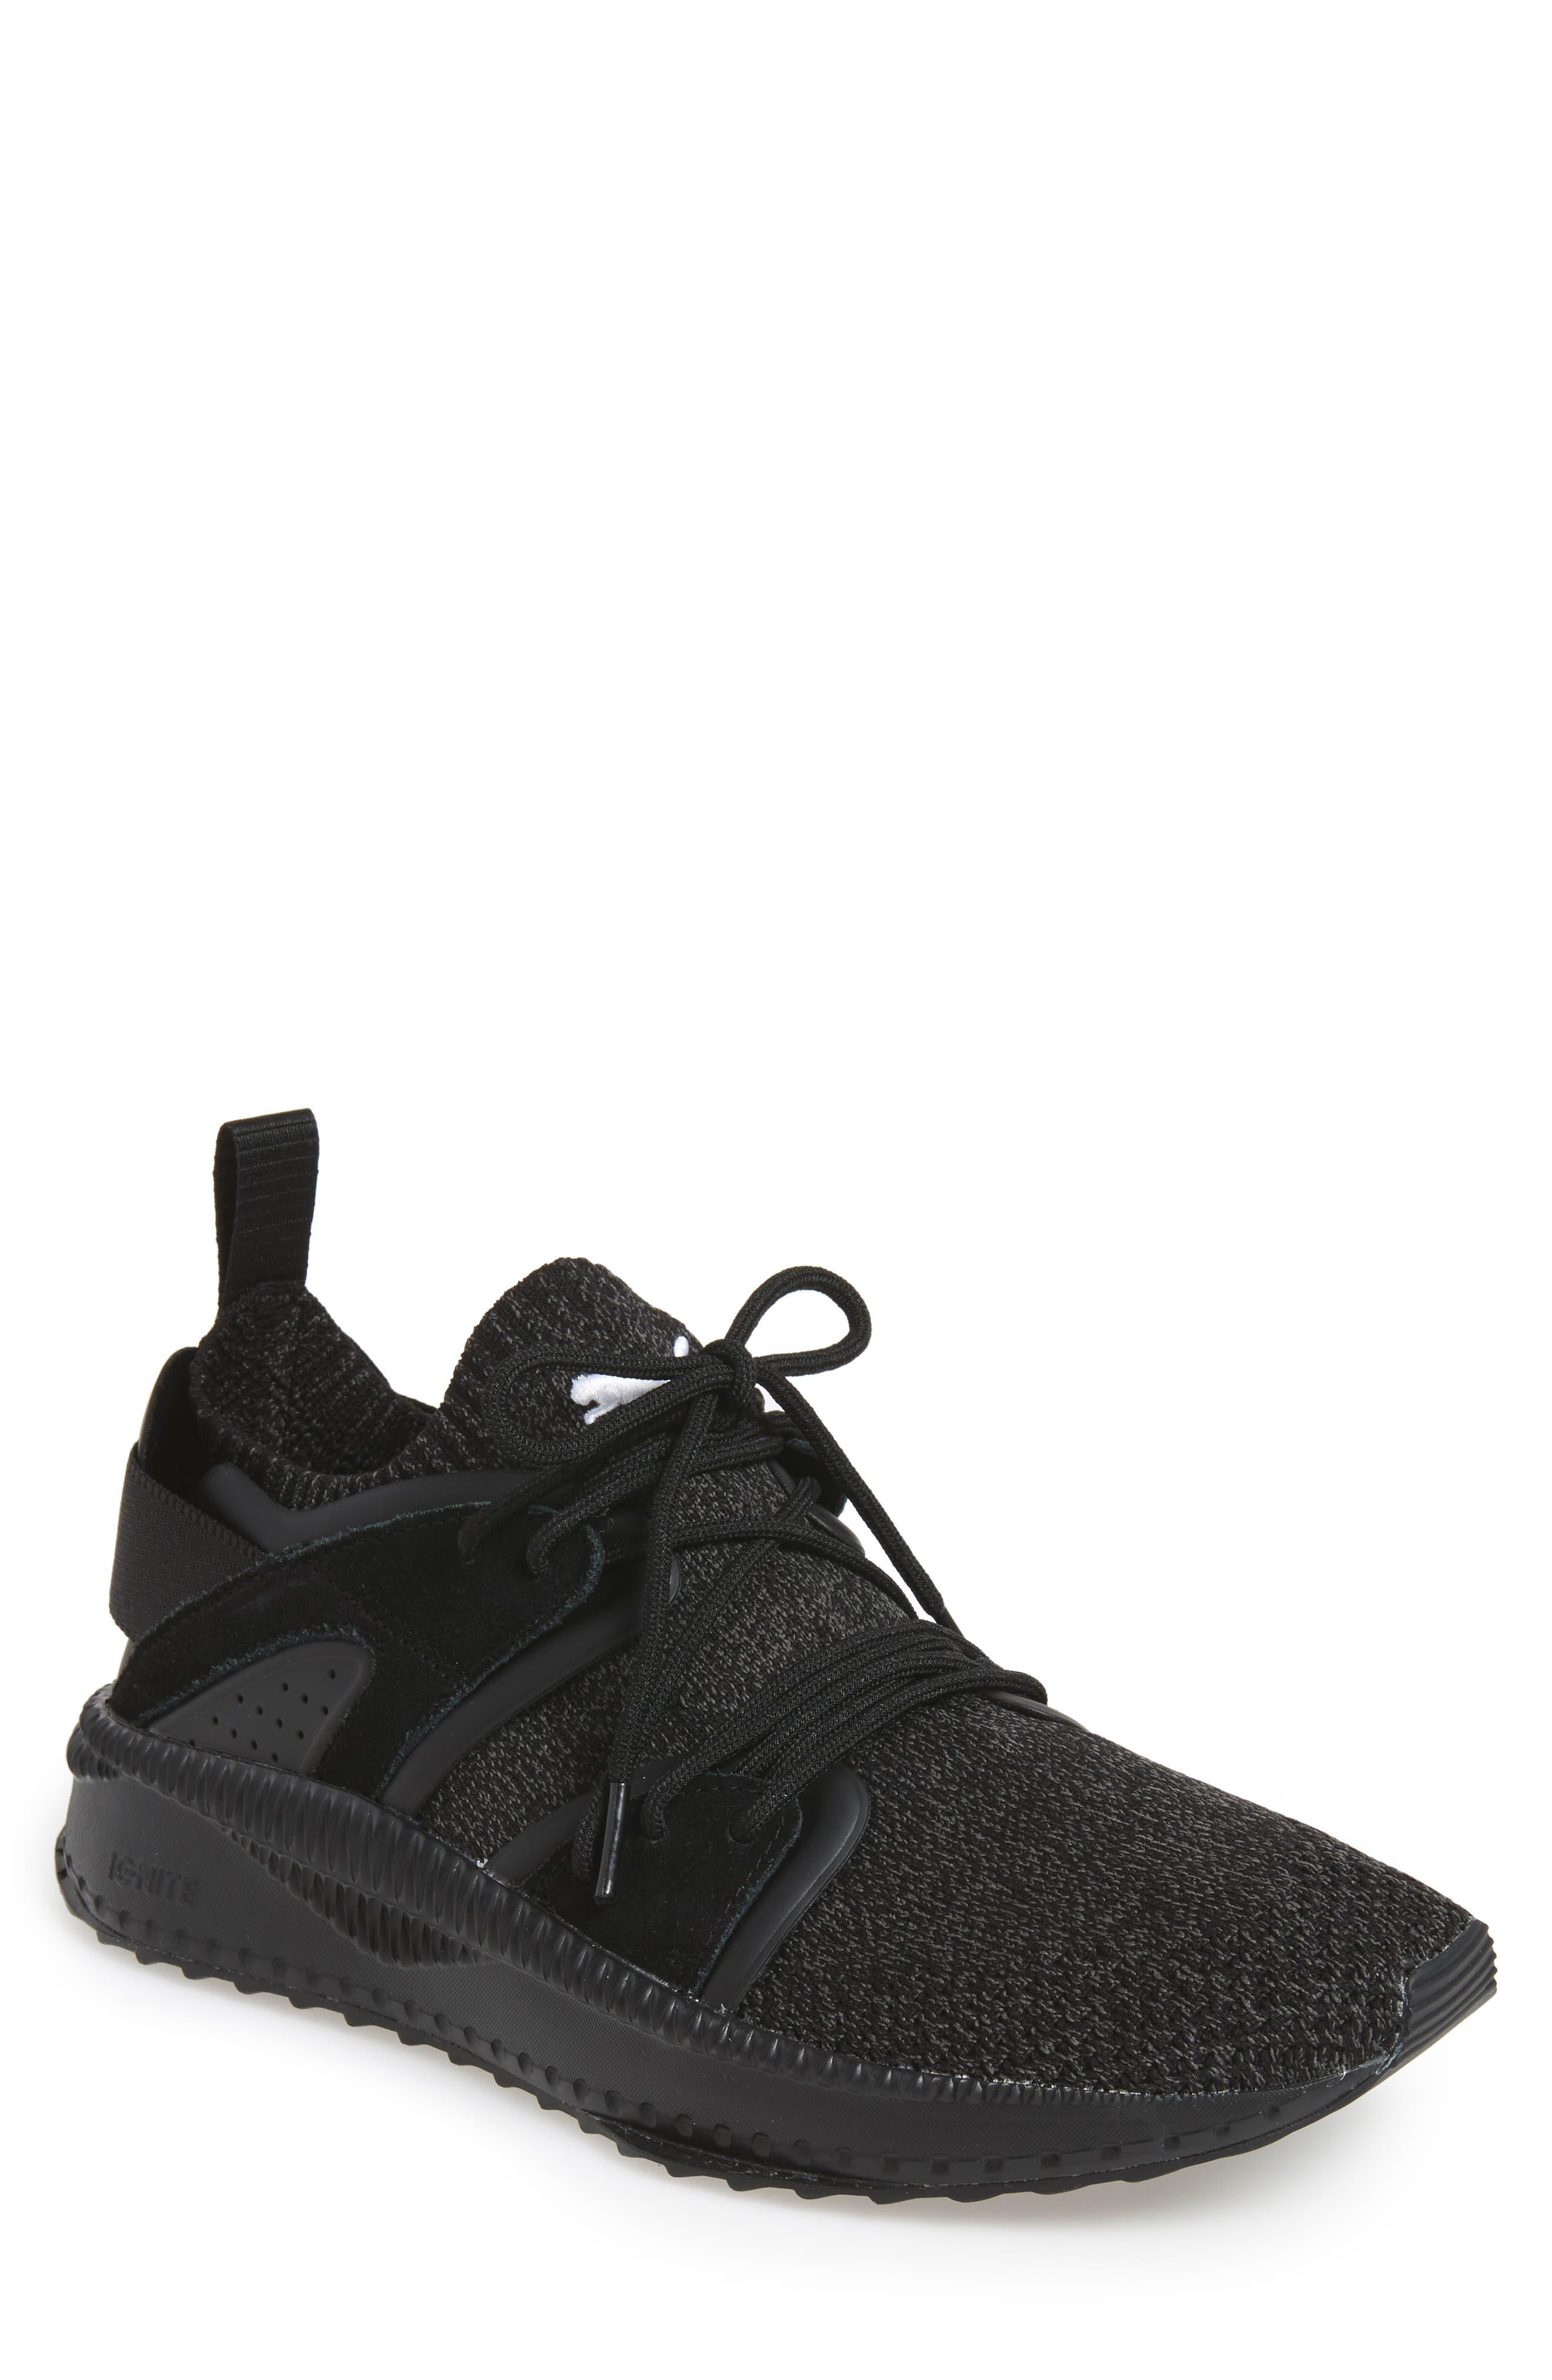 PUMA Tsugi Blaze EvoKnit Sneaker (Men)